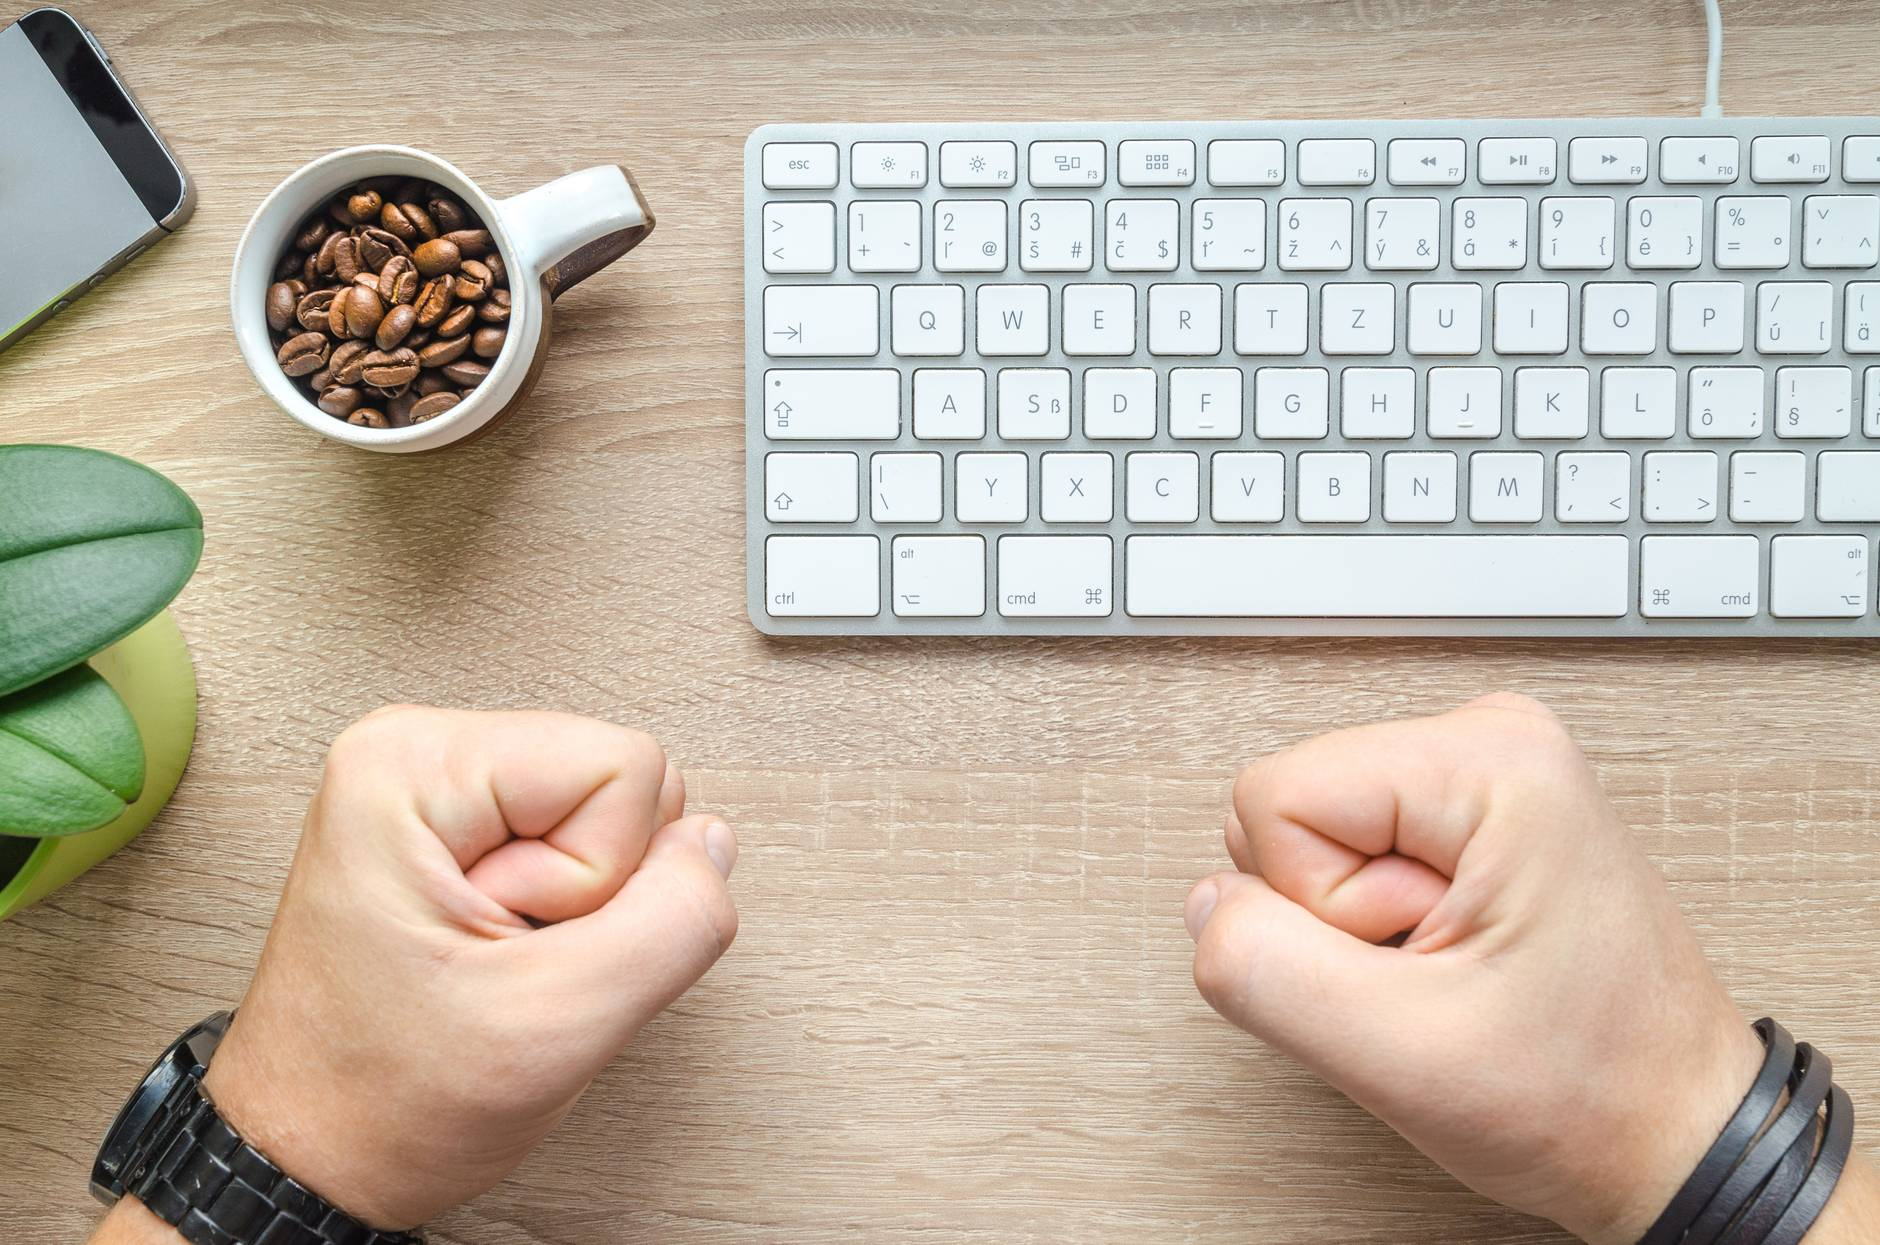 Explotación laboral: 10 frases que la normalizan